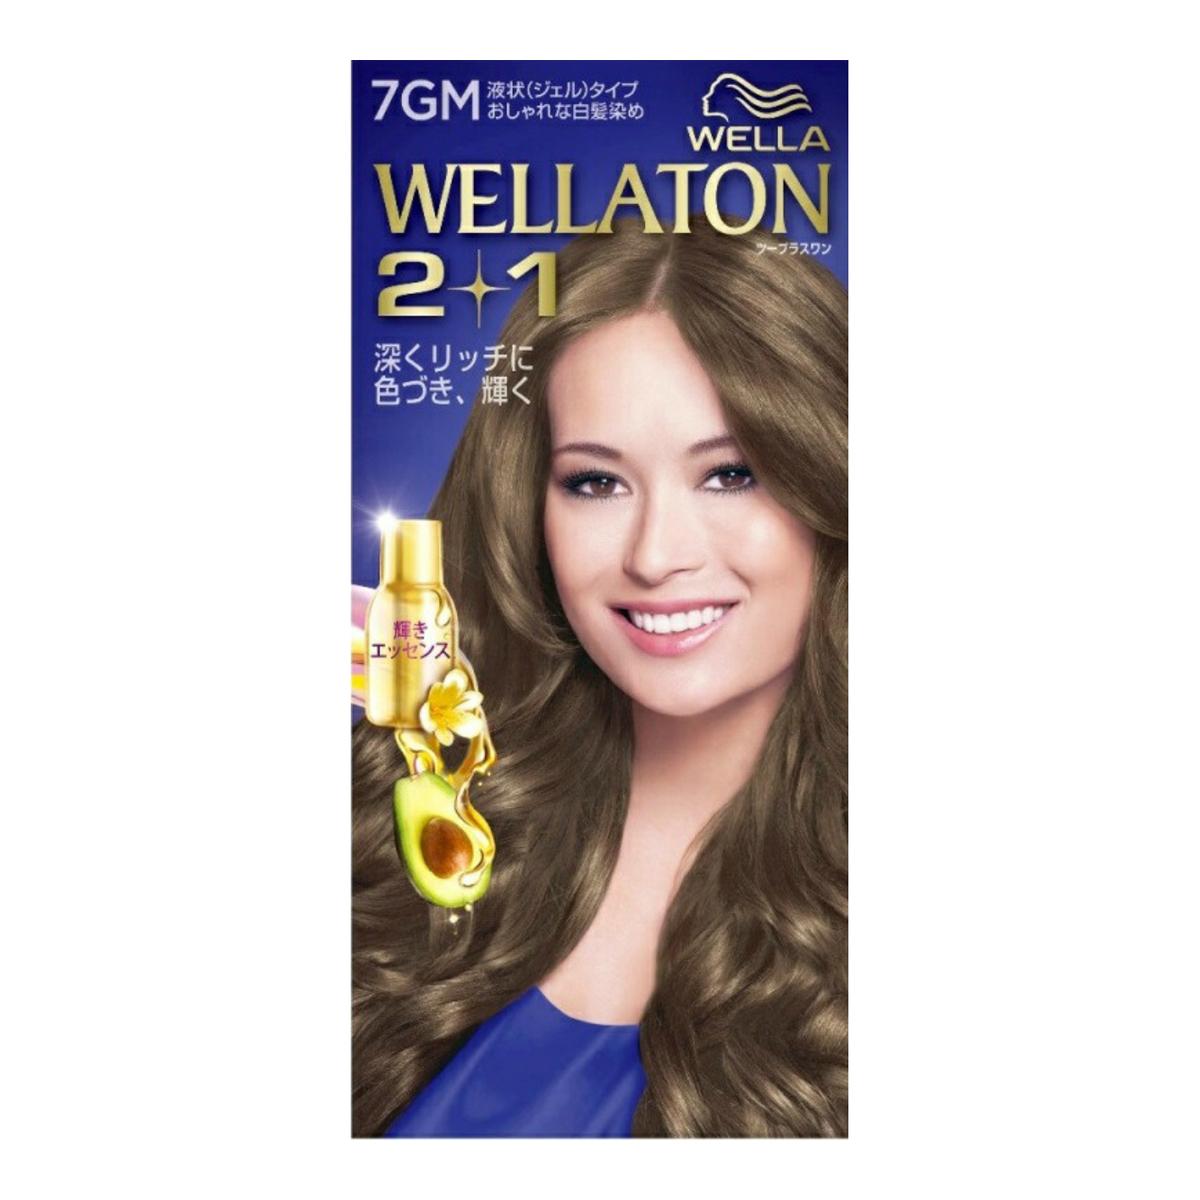 【送料無料・まとめ買い×10】ウエラトーン ツープラスワン ( 2+1 ) 液状タイプ 7GM ( 女性用白髪染め ) ×10点セット ( 4056800251315 )